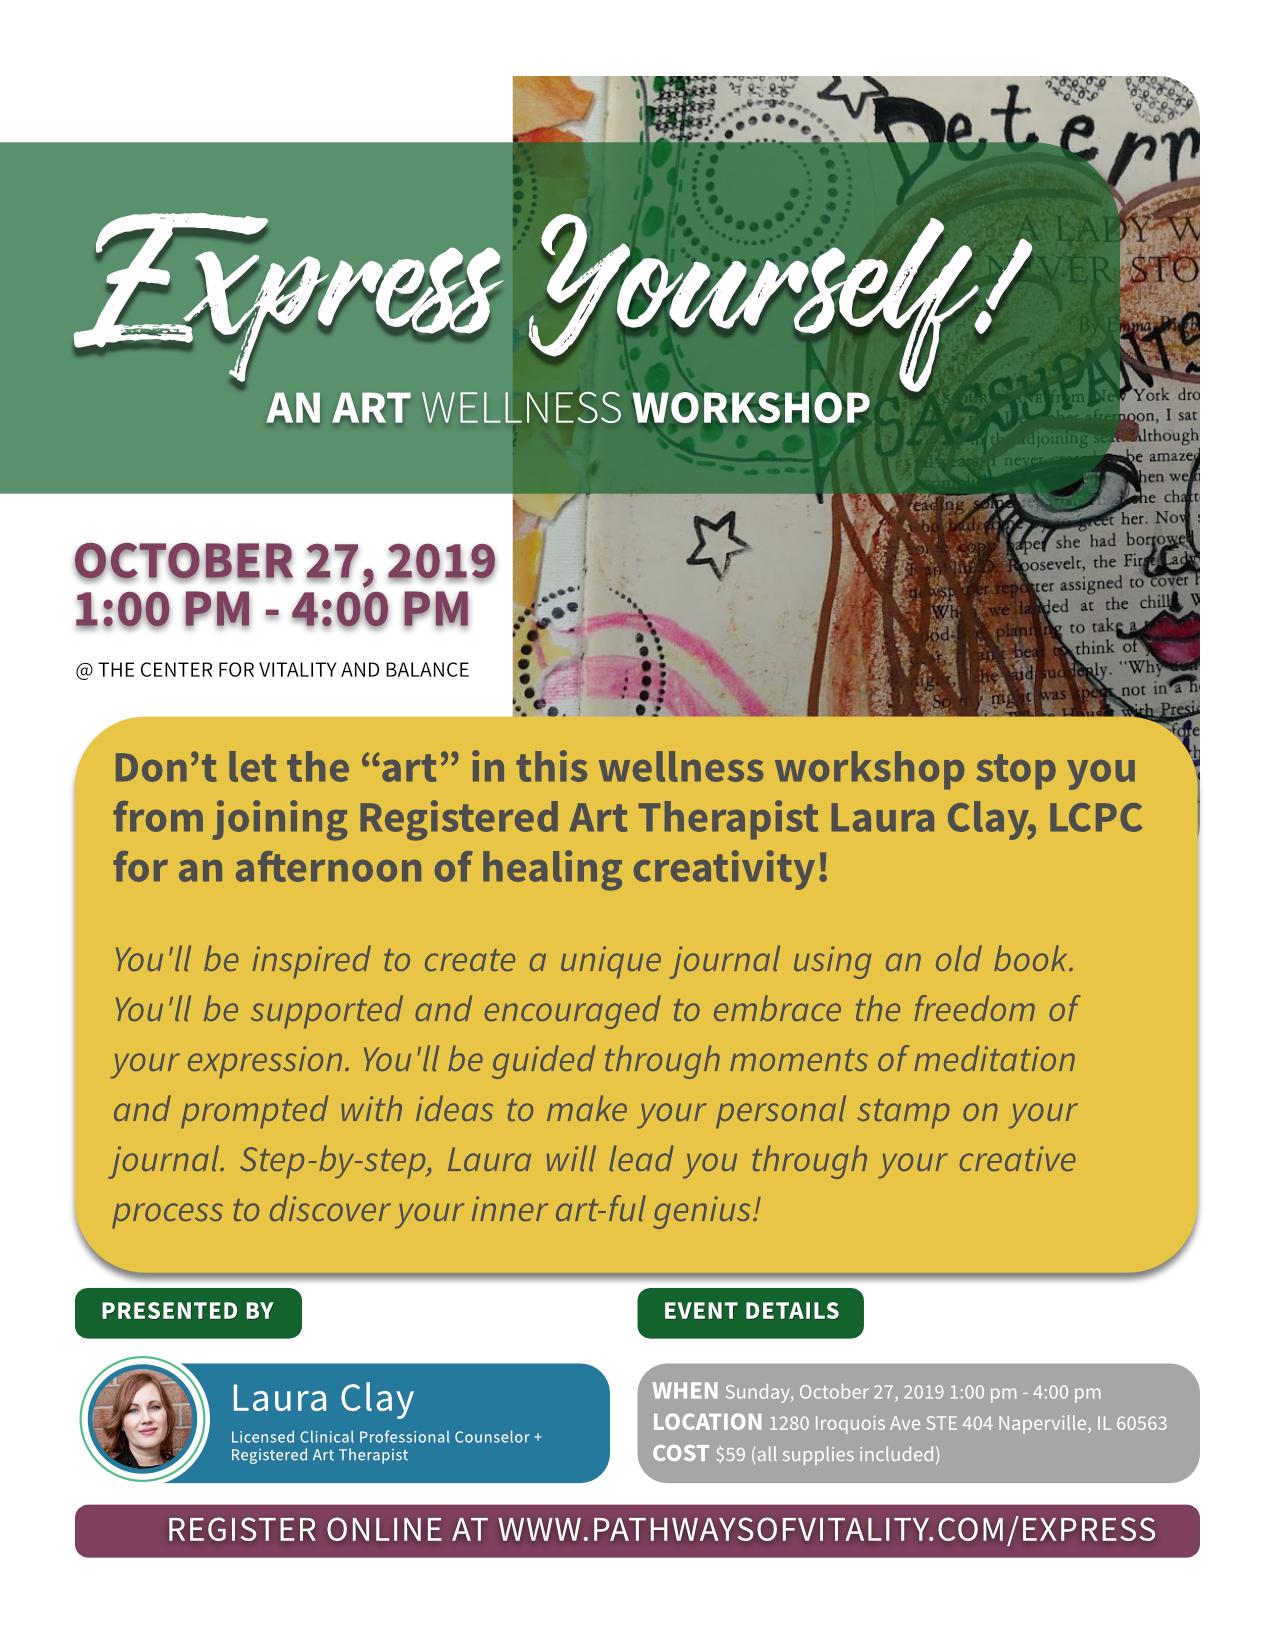 Express Yourself an Art Wellness Workshop.png